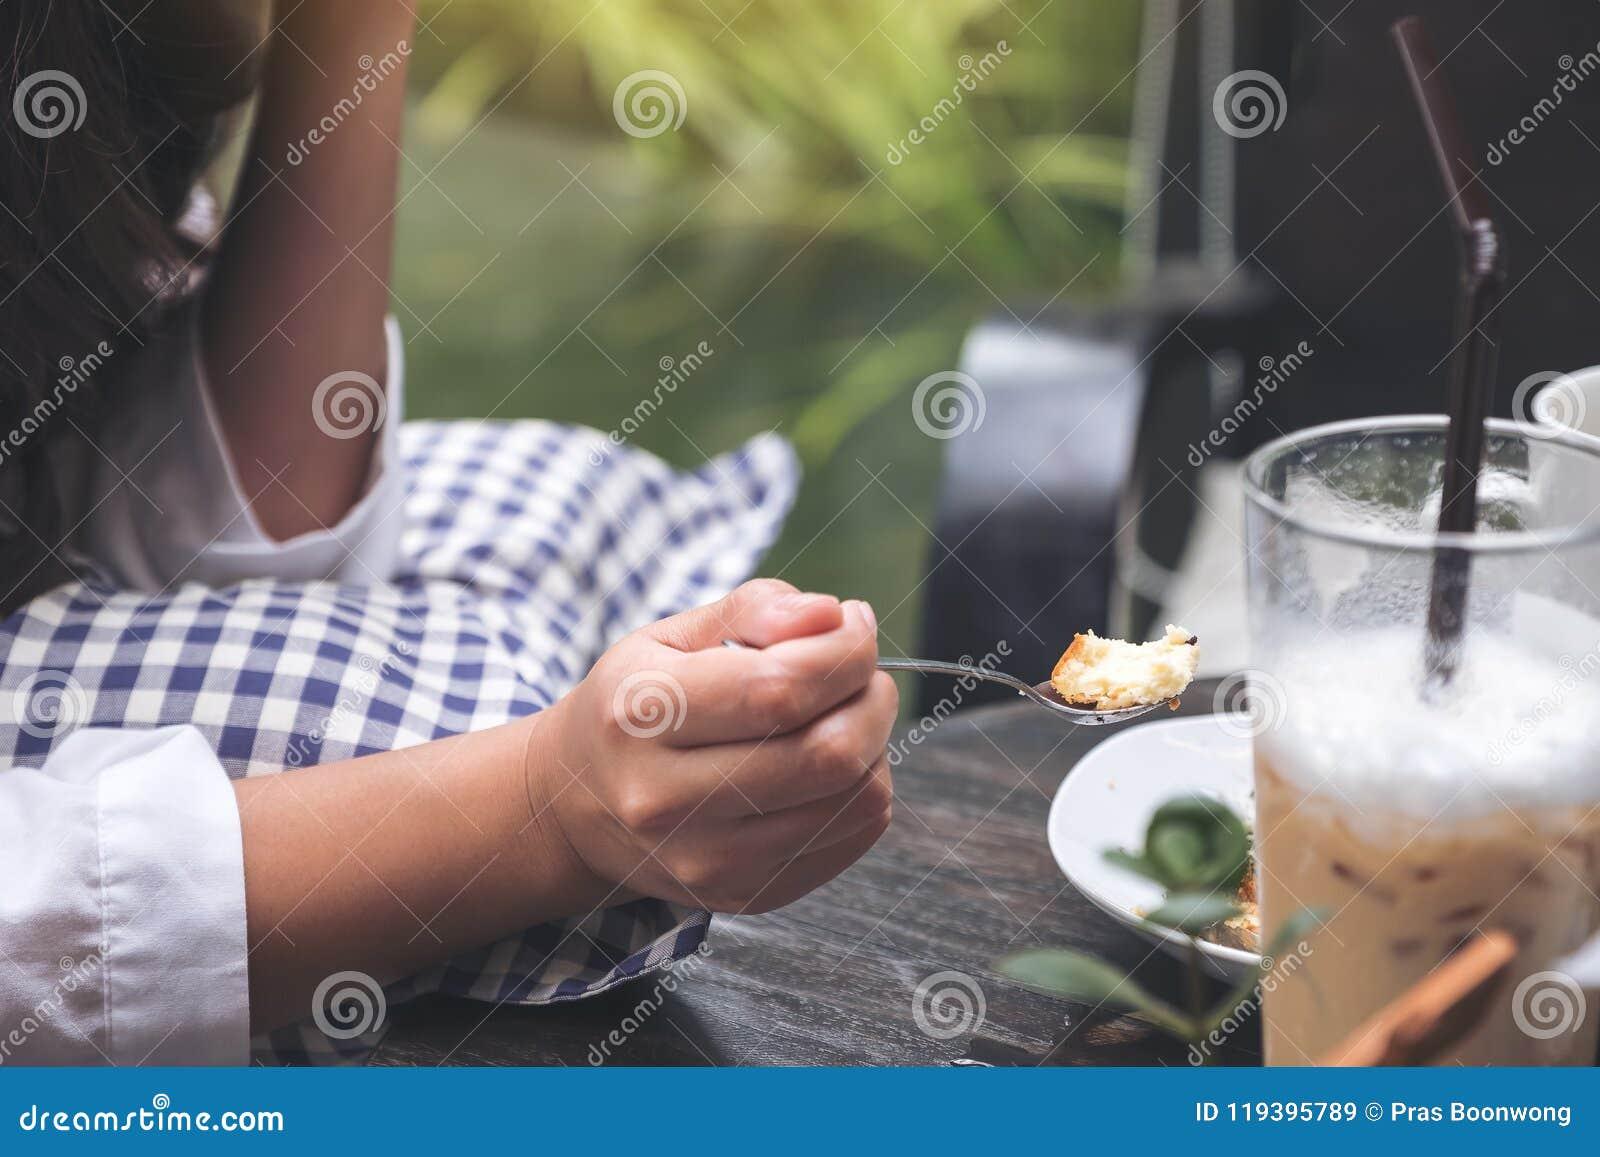 妇女喜欢吃乳酪蛋糕和咖啡在咖啡馆